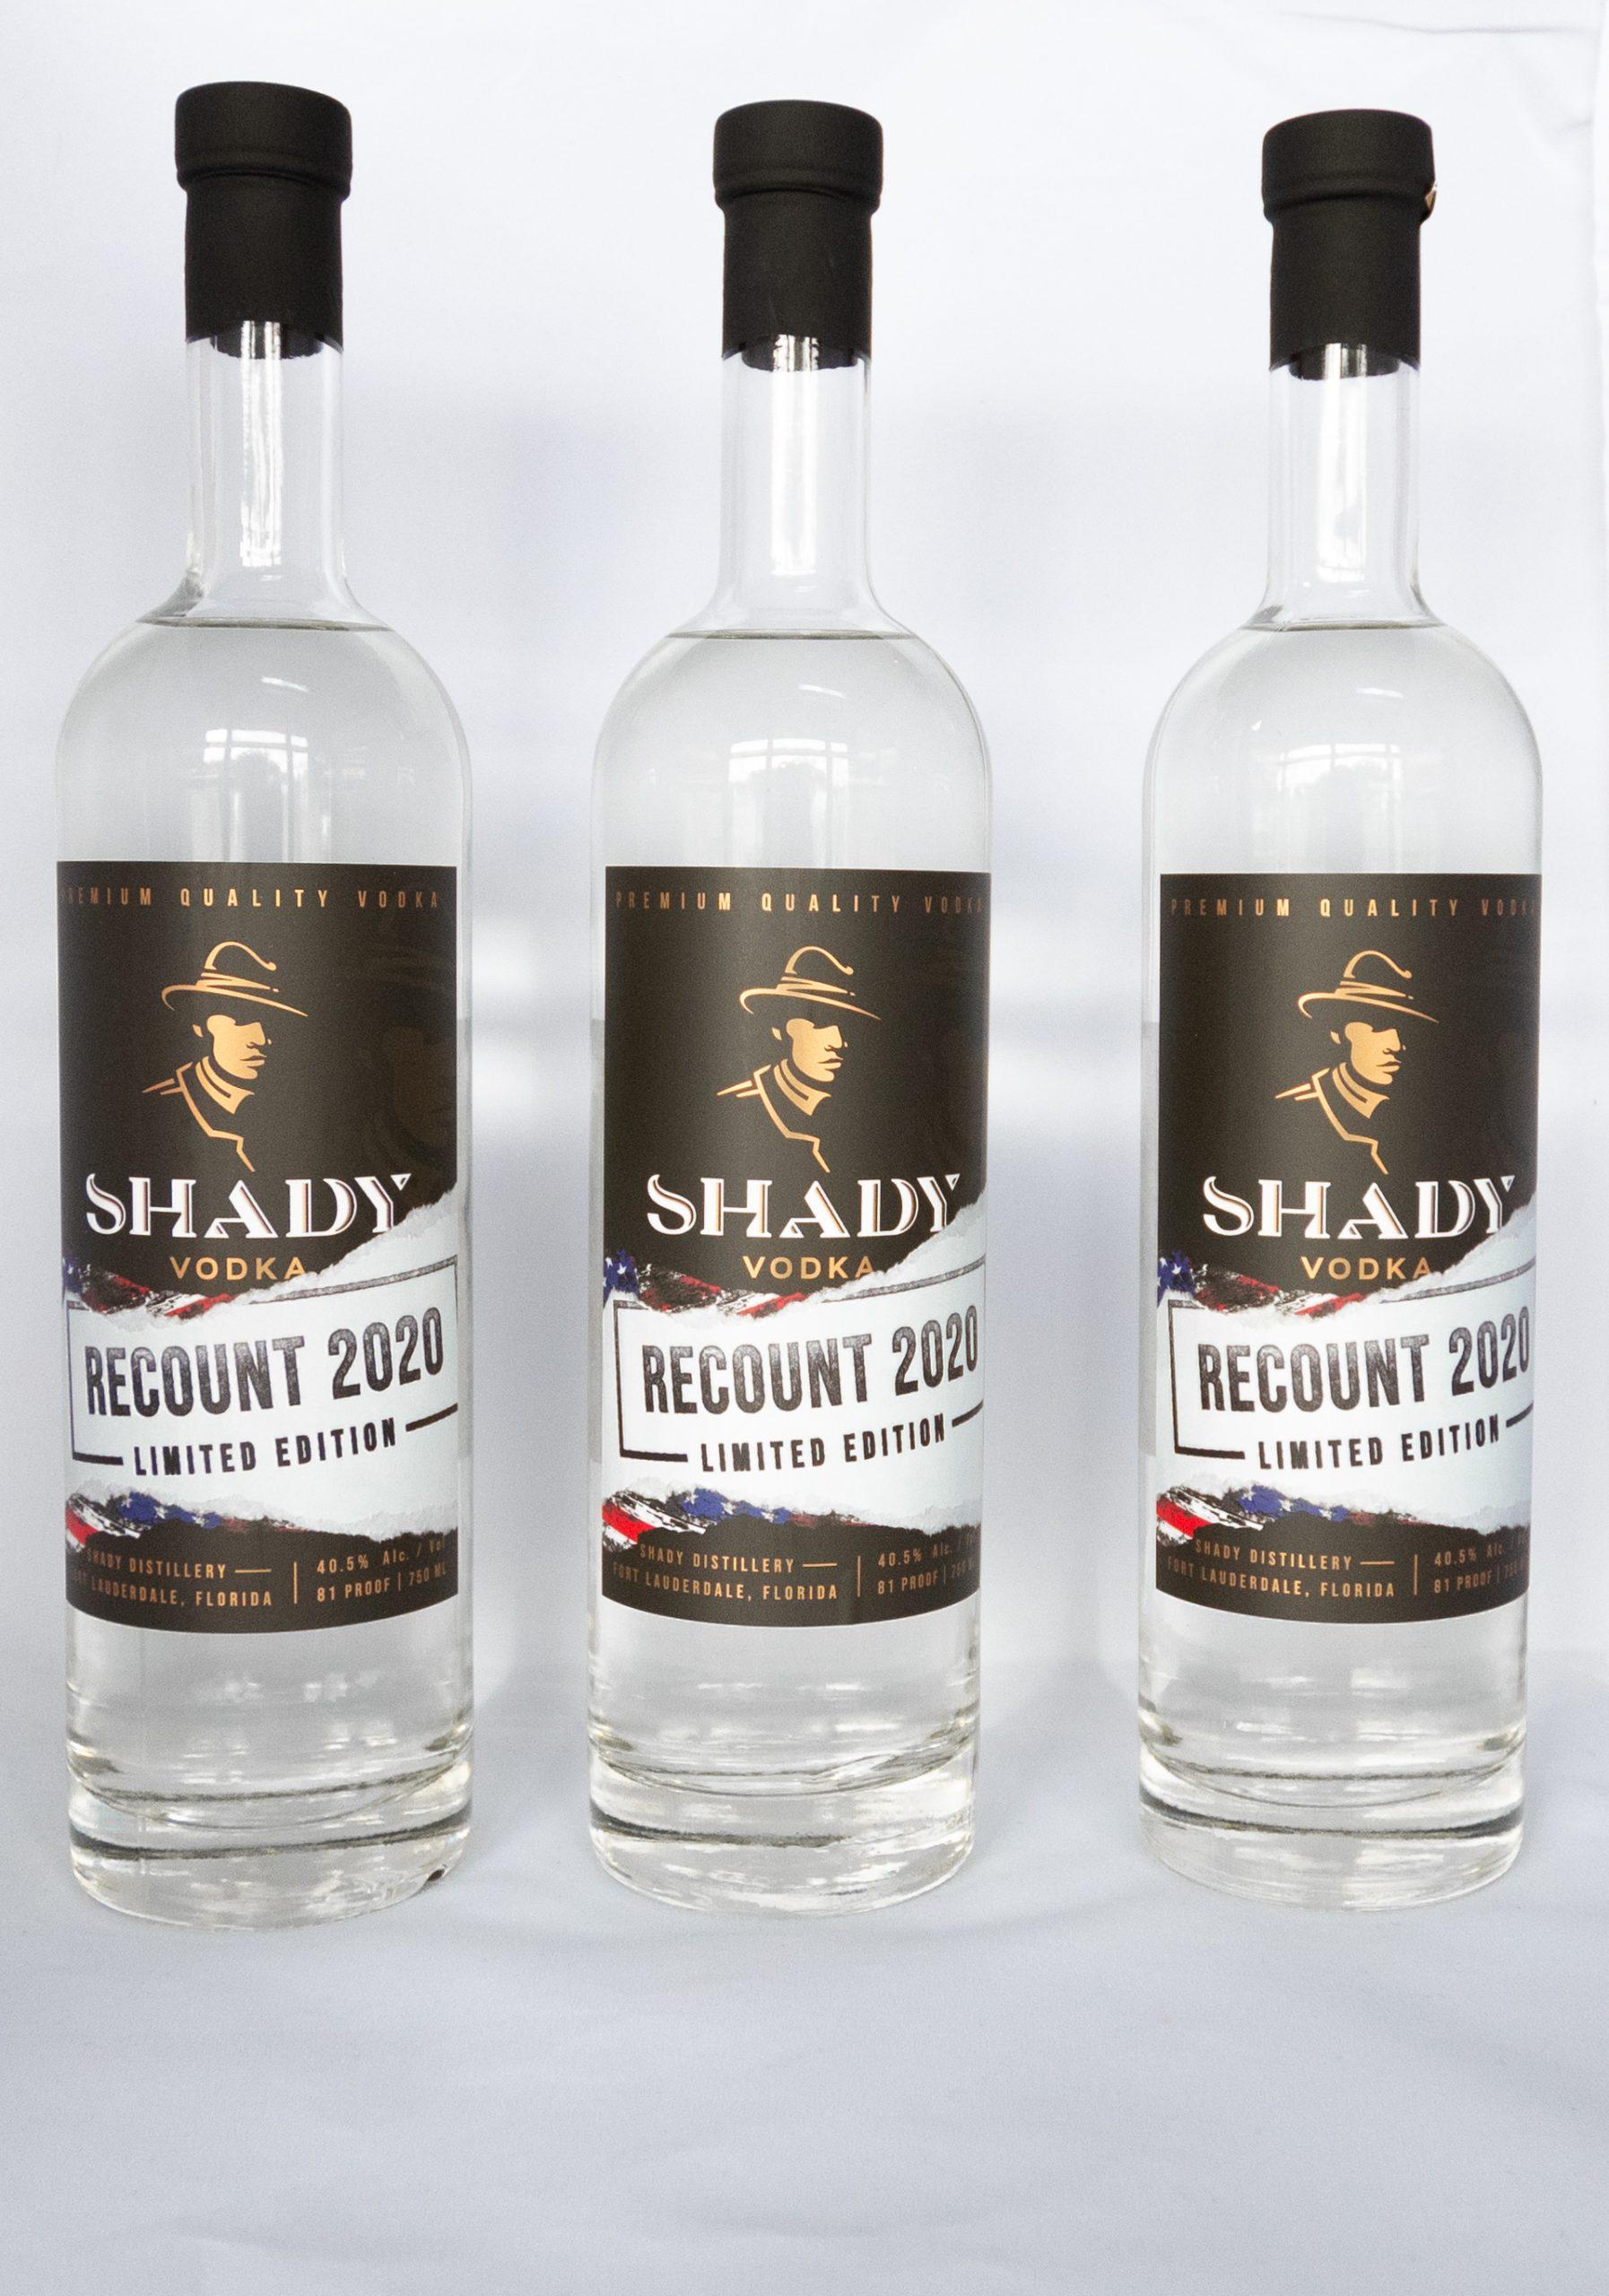 Shady Vodka